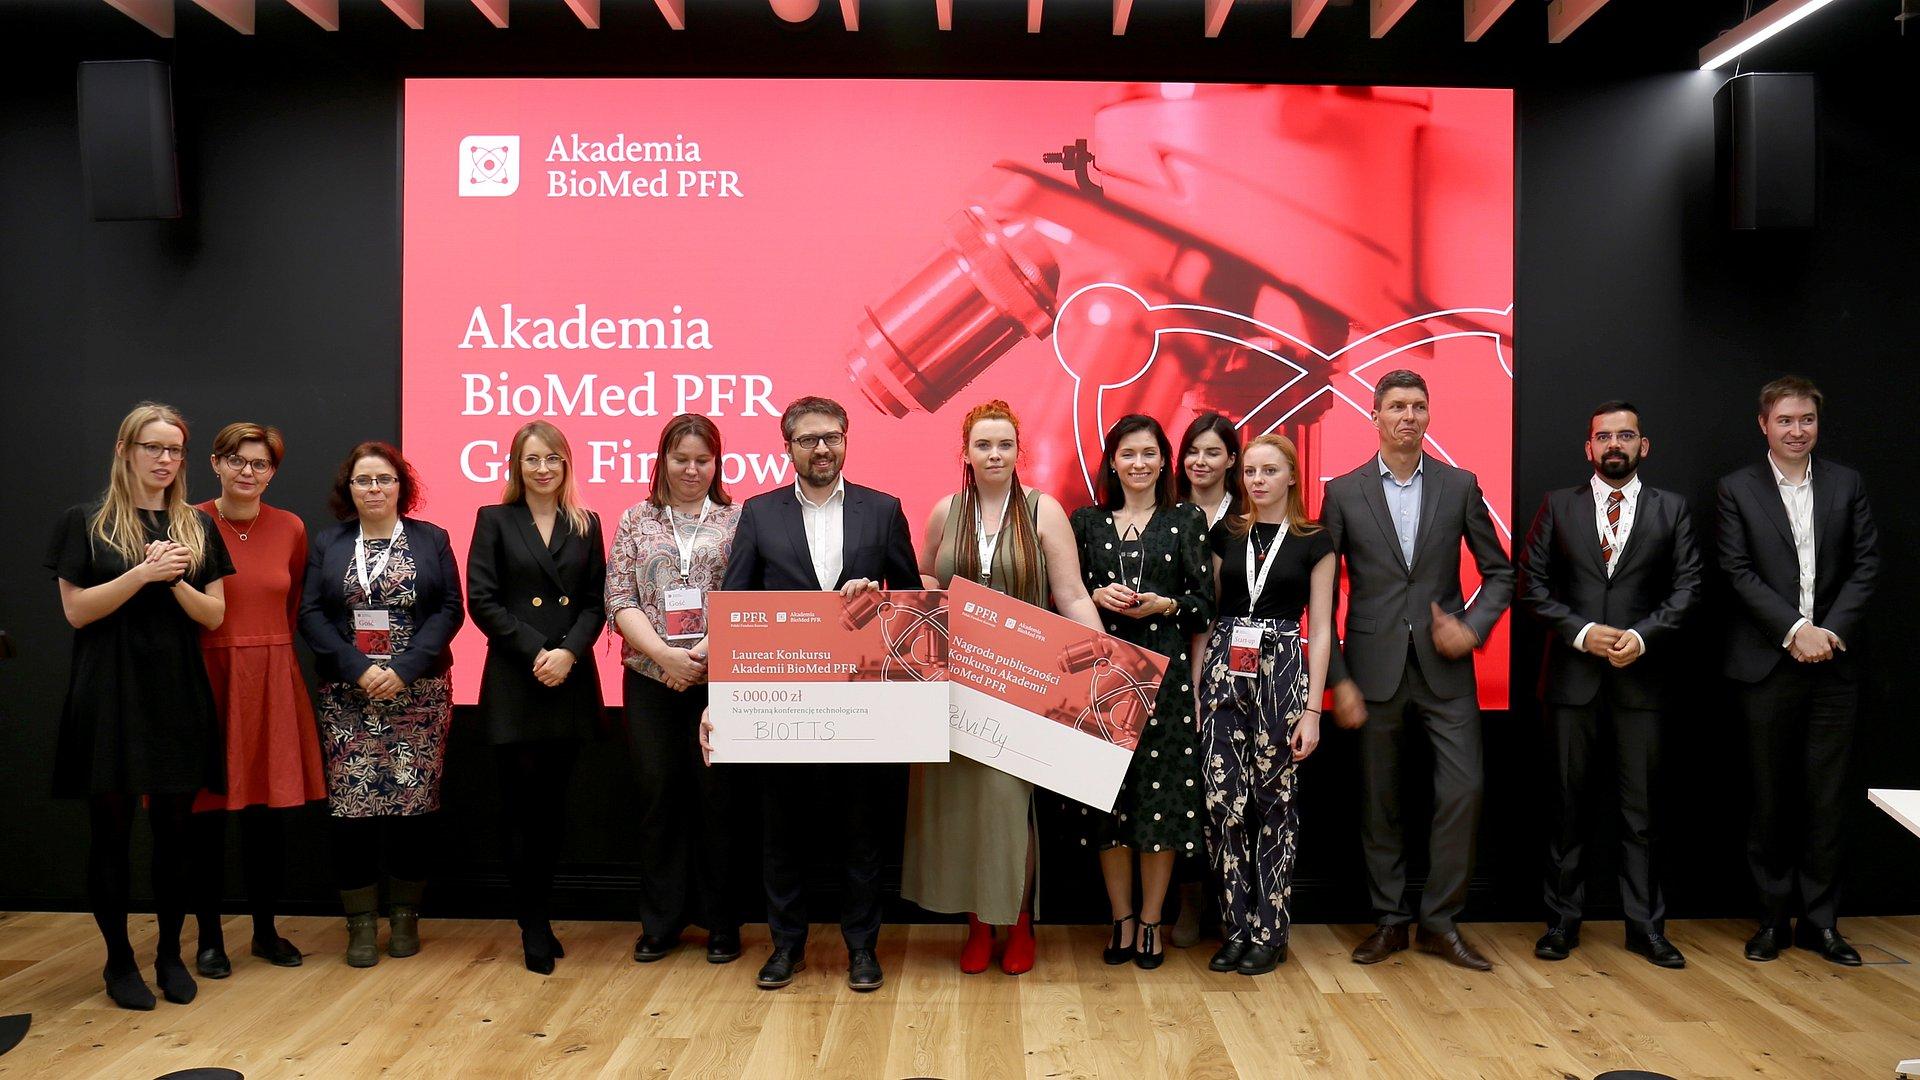 Przyszłość polskiej medycyny w Akademii BioMed PFR